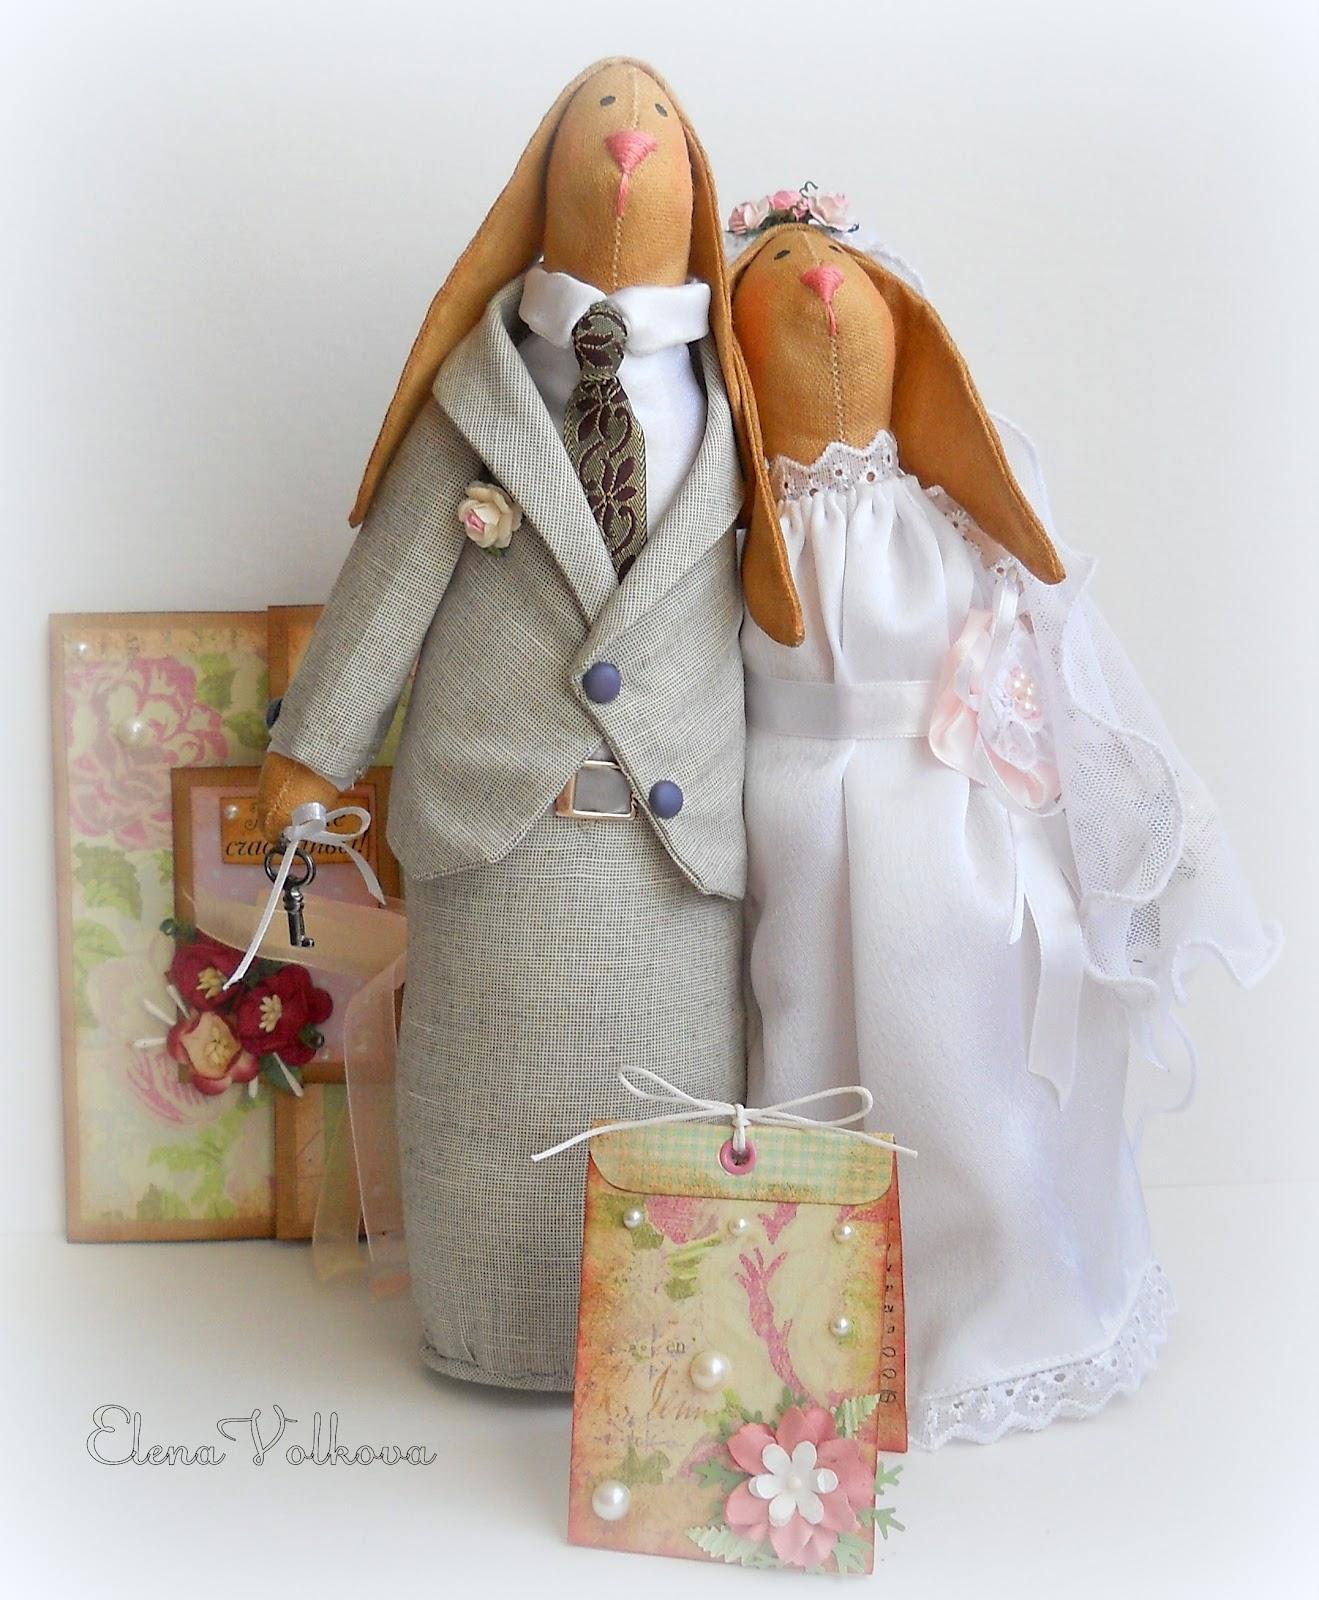 Прикольные стихи к подарку кукла 52